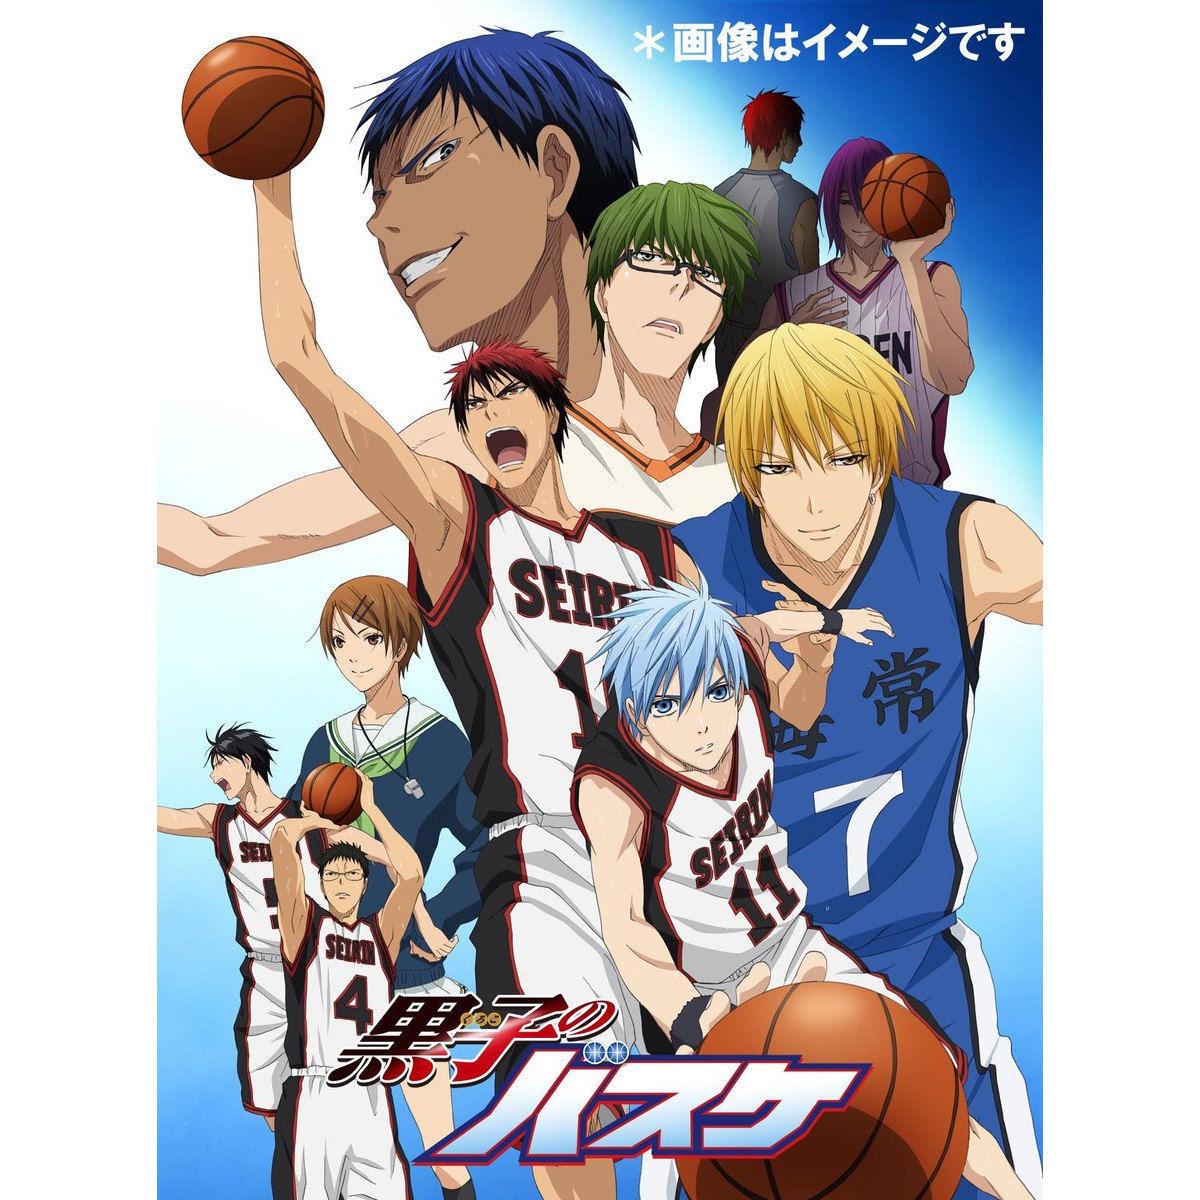 黒子のバスケ 1st Season Blu Ray Box 黒子のバスケ 趣味